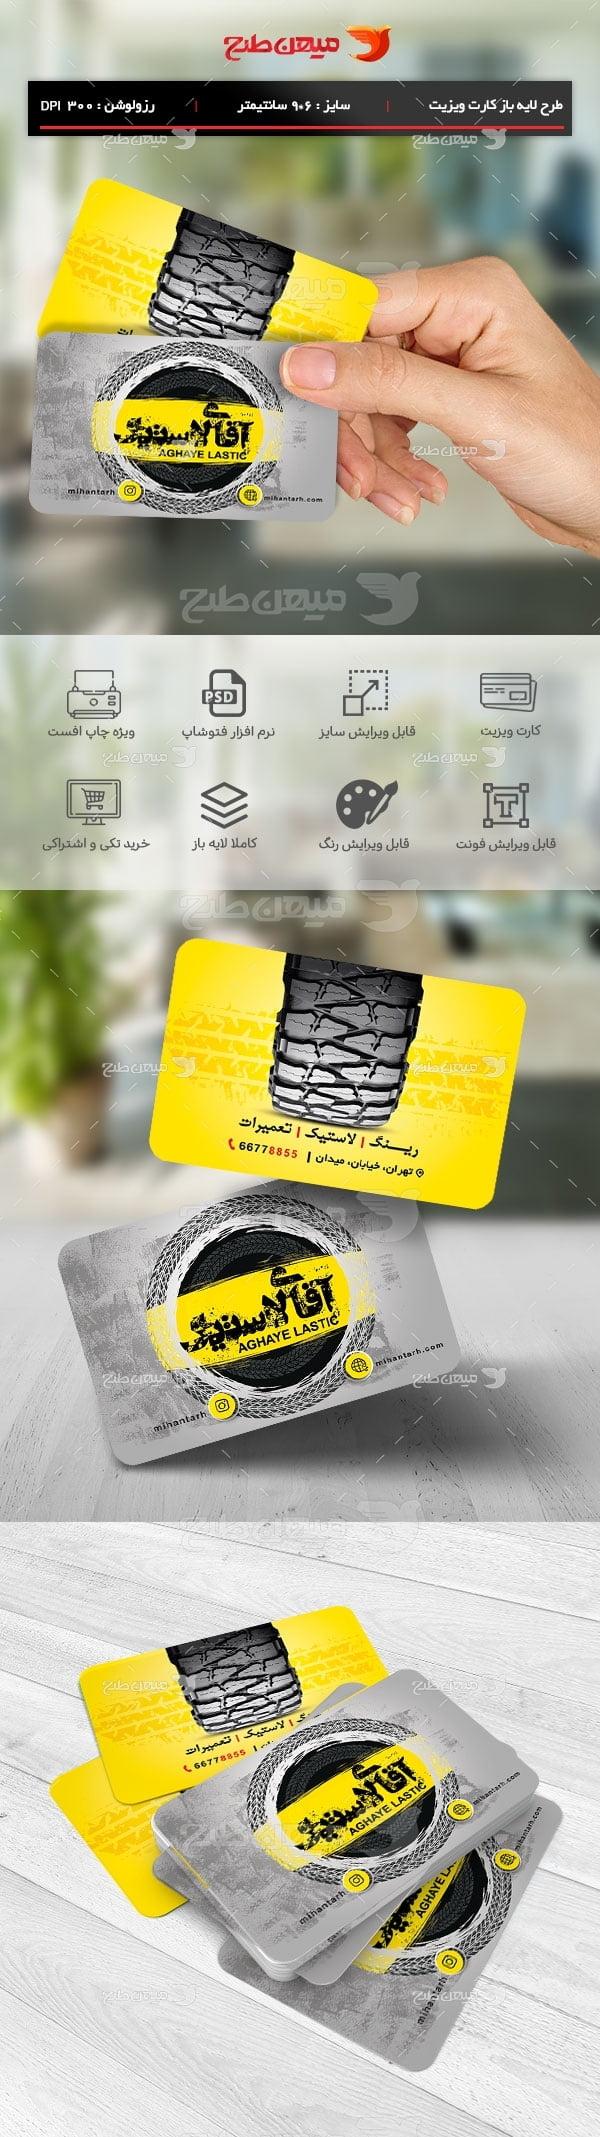 طرح لایه باز کارت ویزیت  لاستیک فروشی